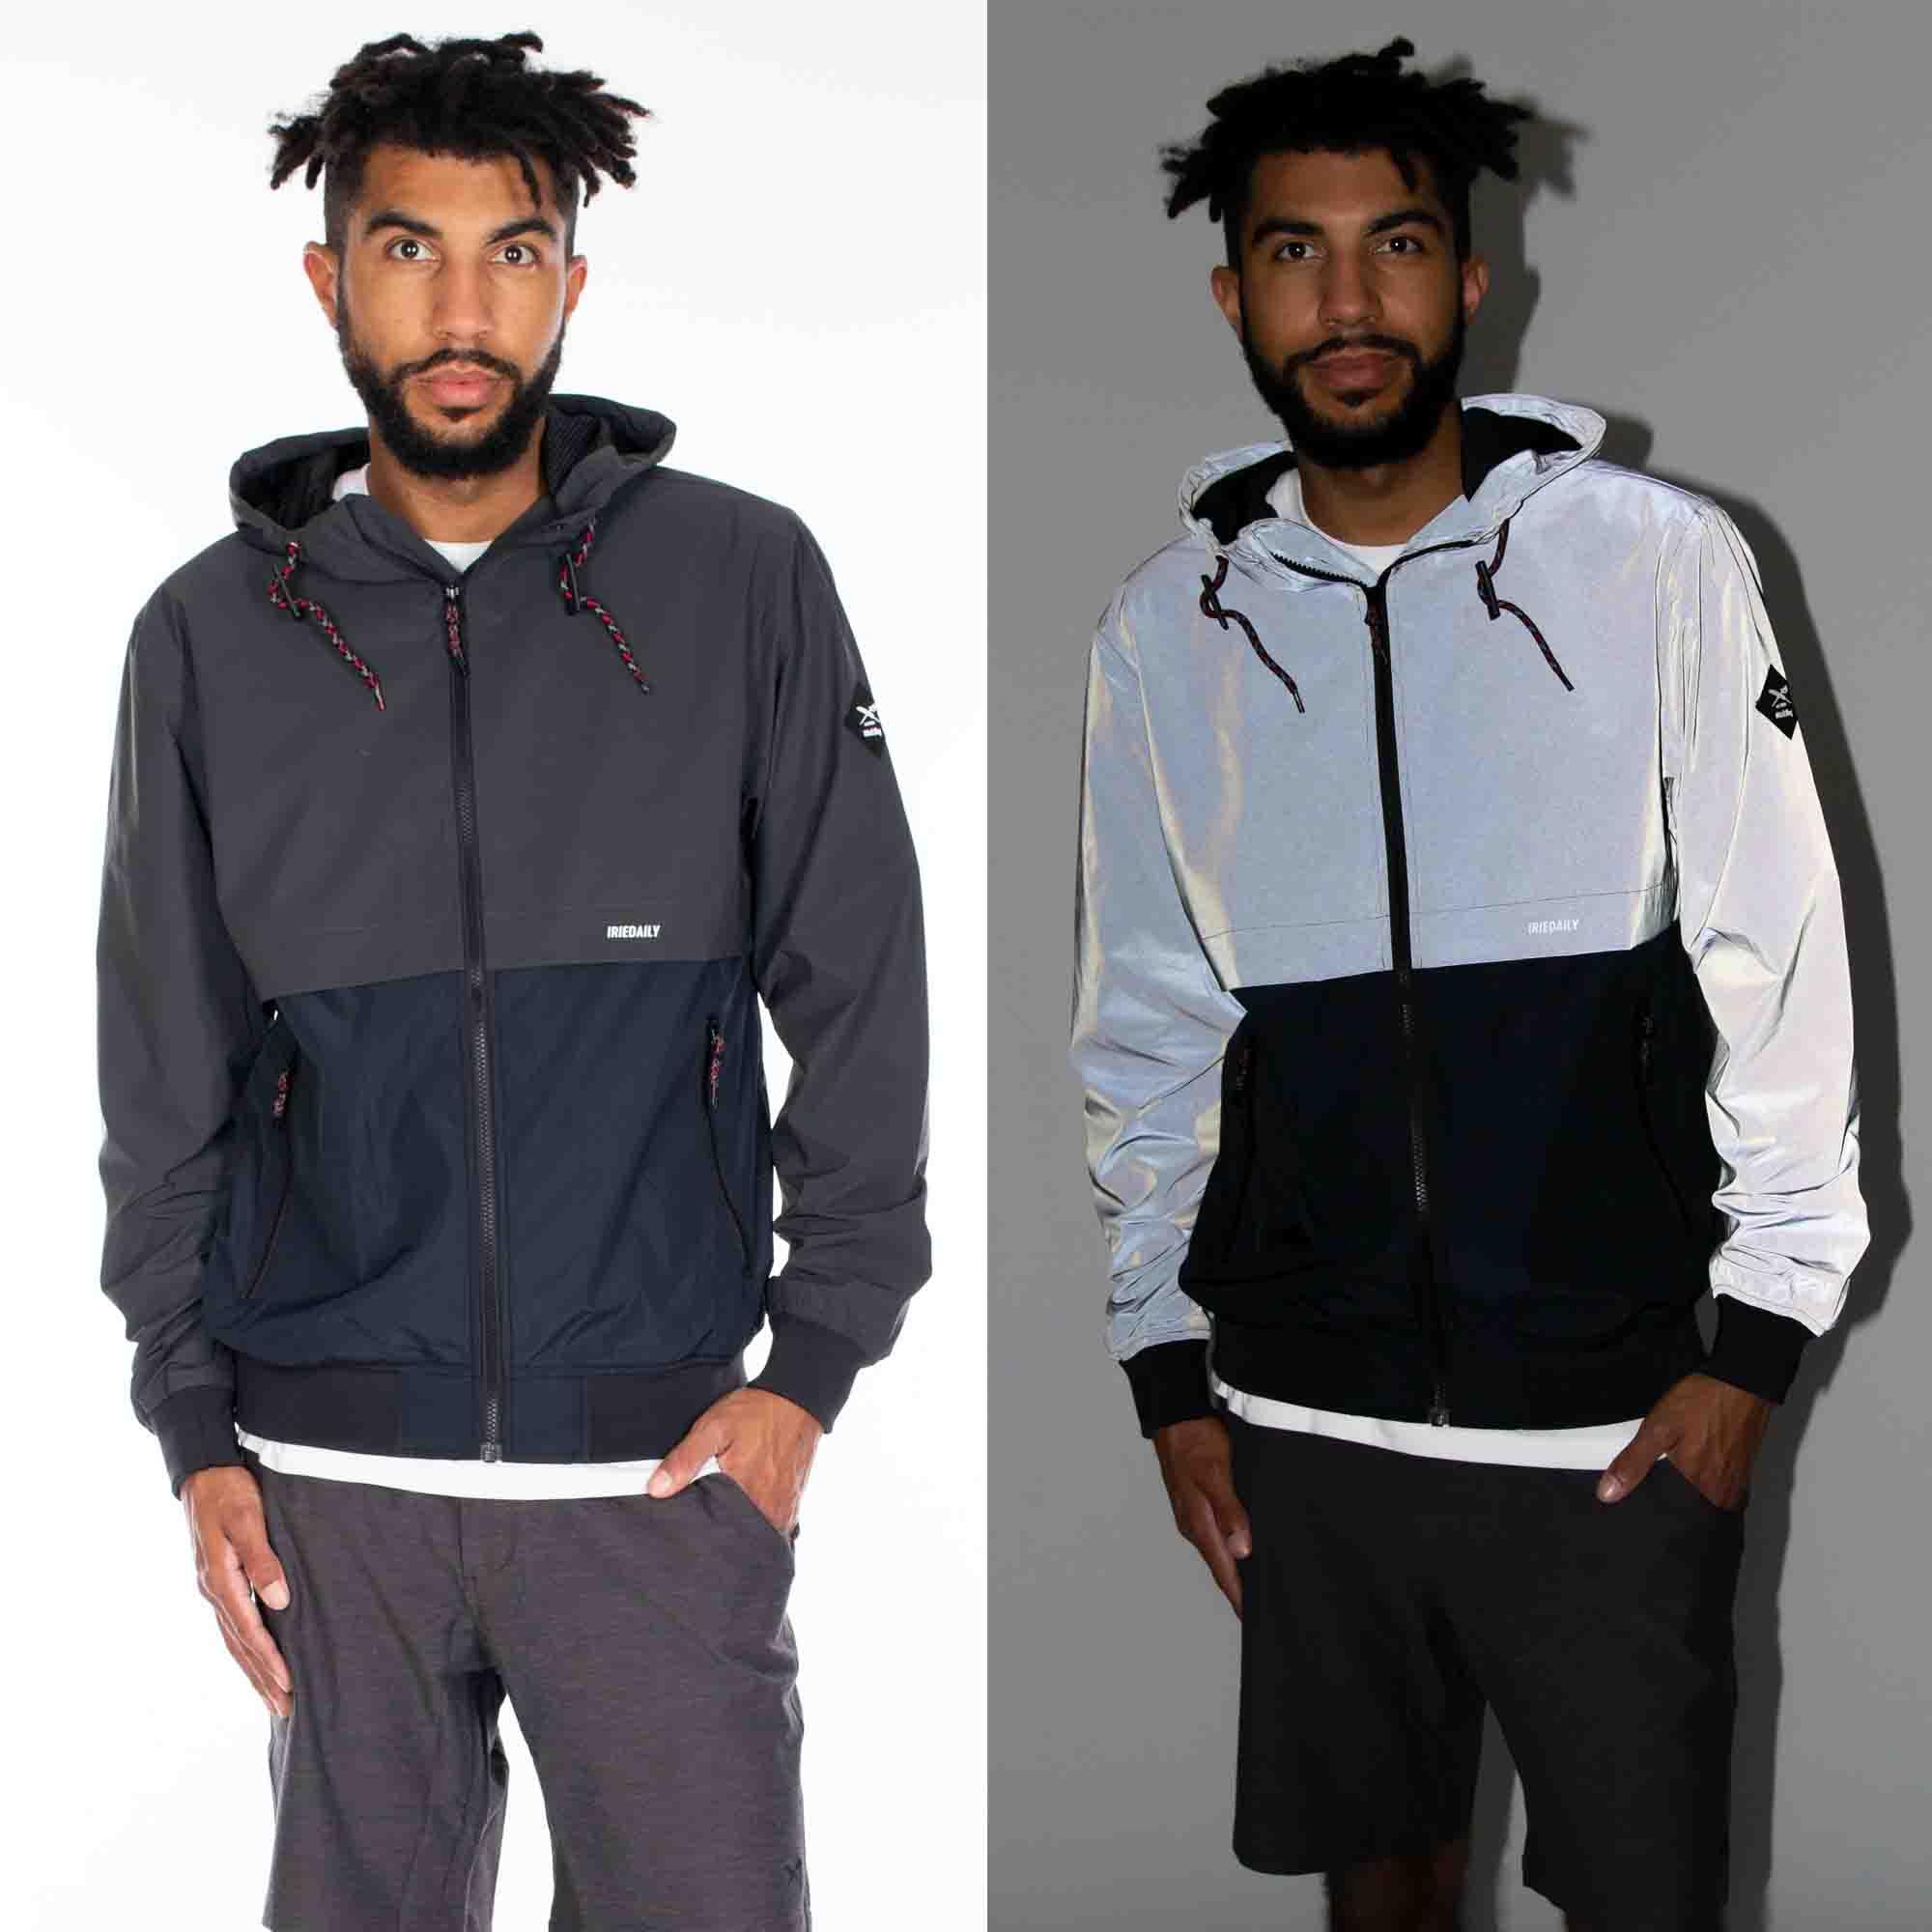 Irie Daily S/S 2022 Men's Streetwear